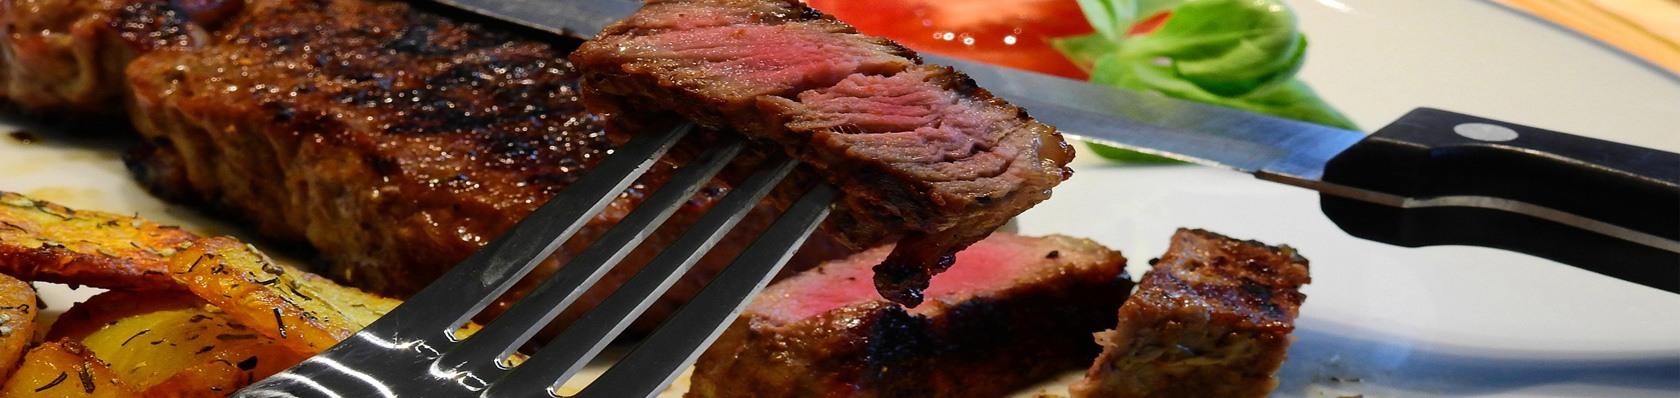 Steakbestecke im Test auf ExpertenTesten.de